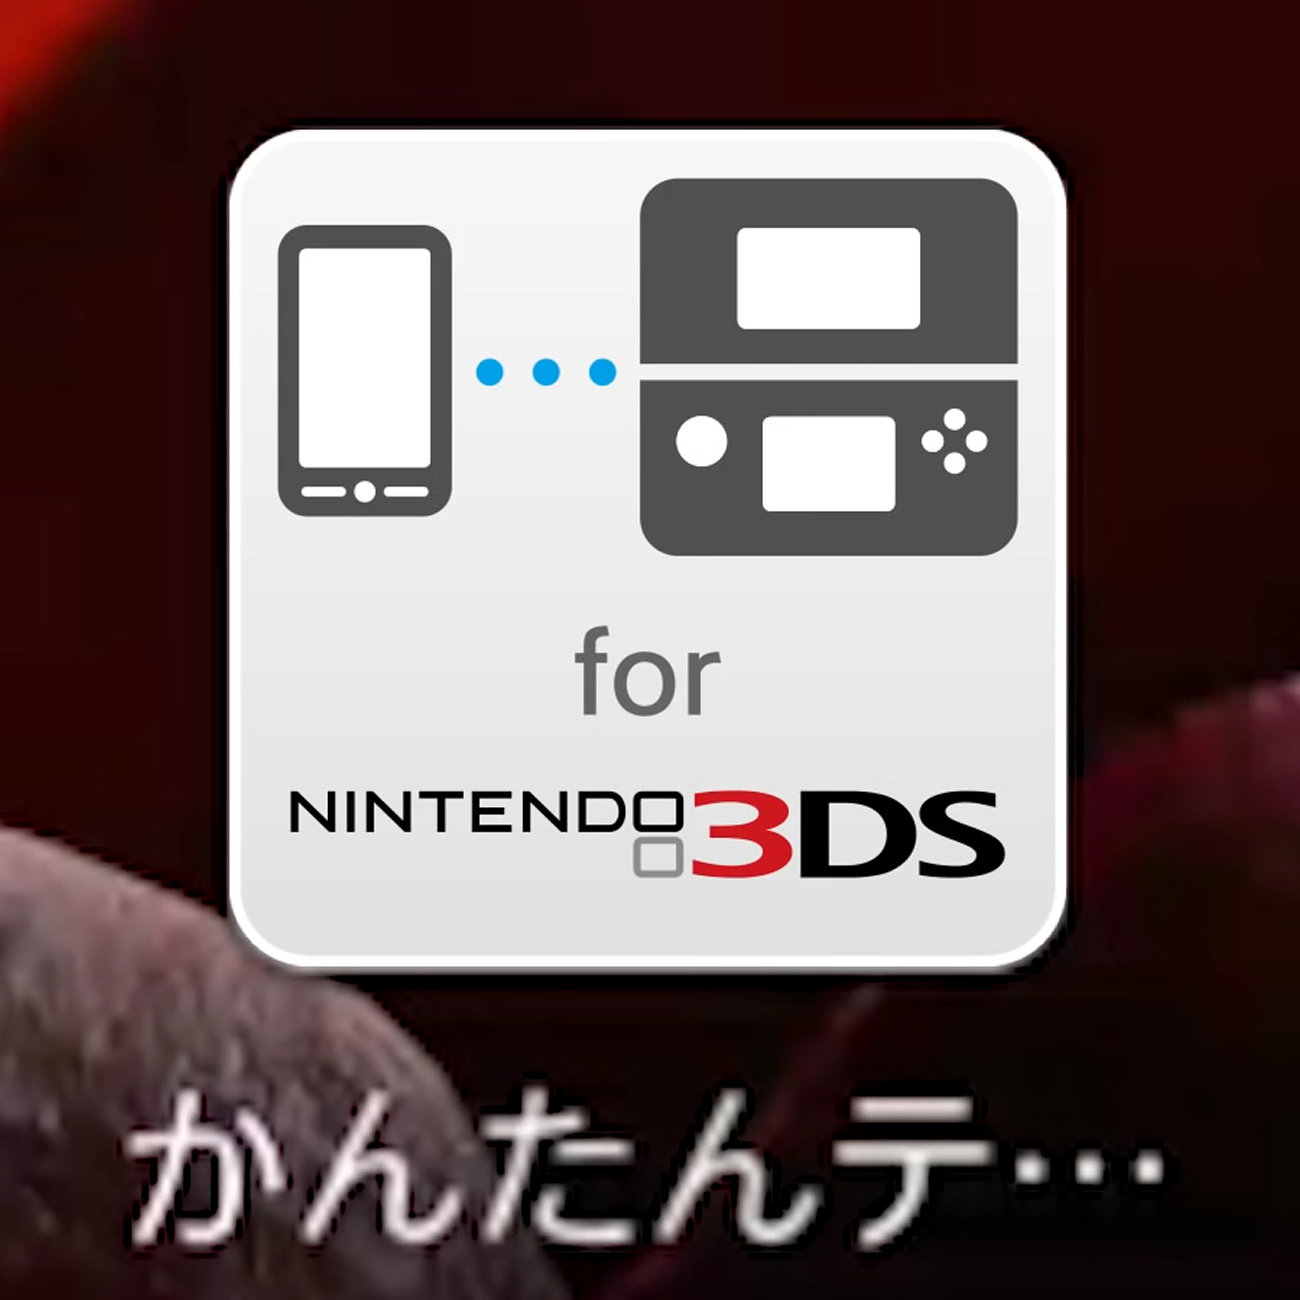 ニンテンドー3DS、ドコモのテザリング用ソフト配信